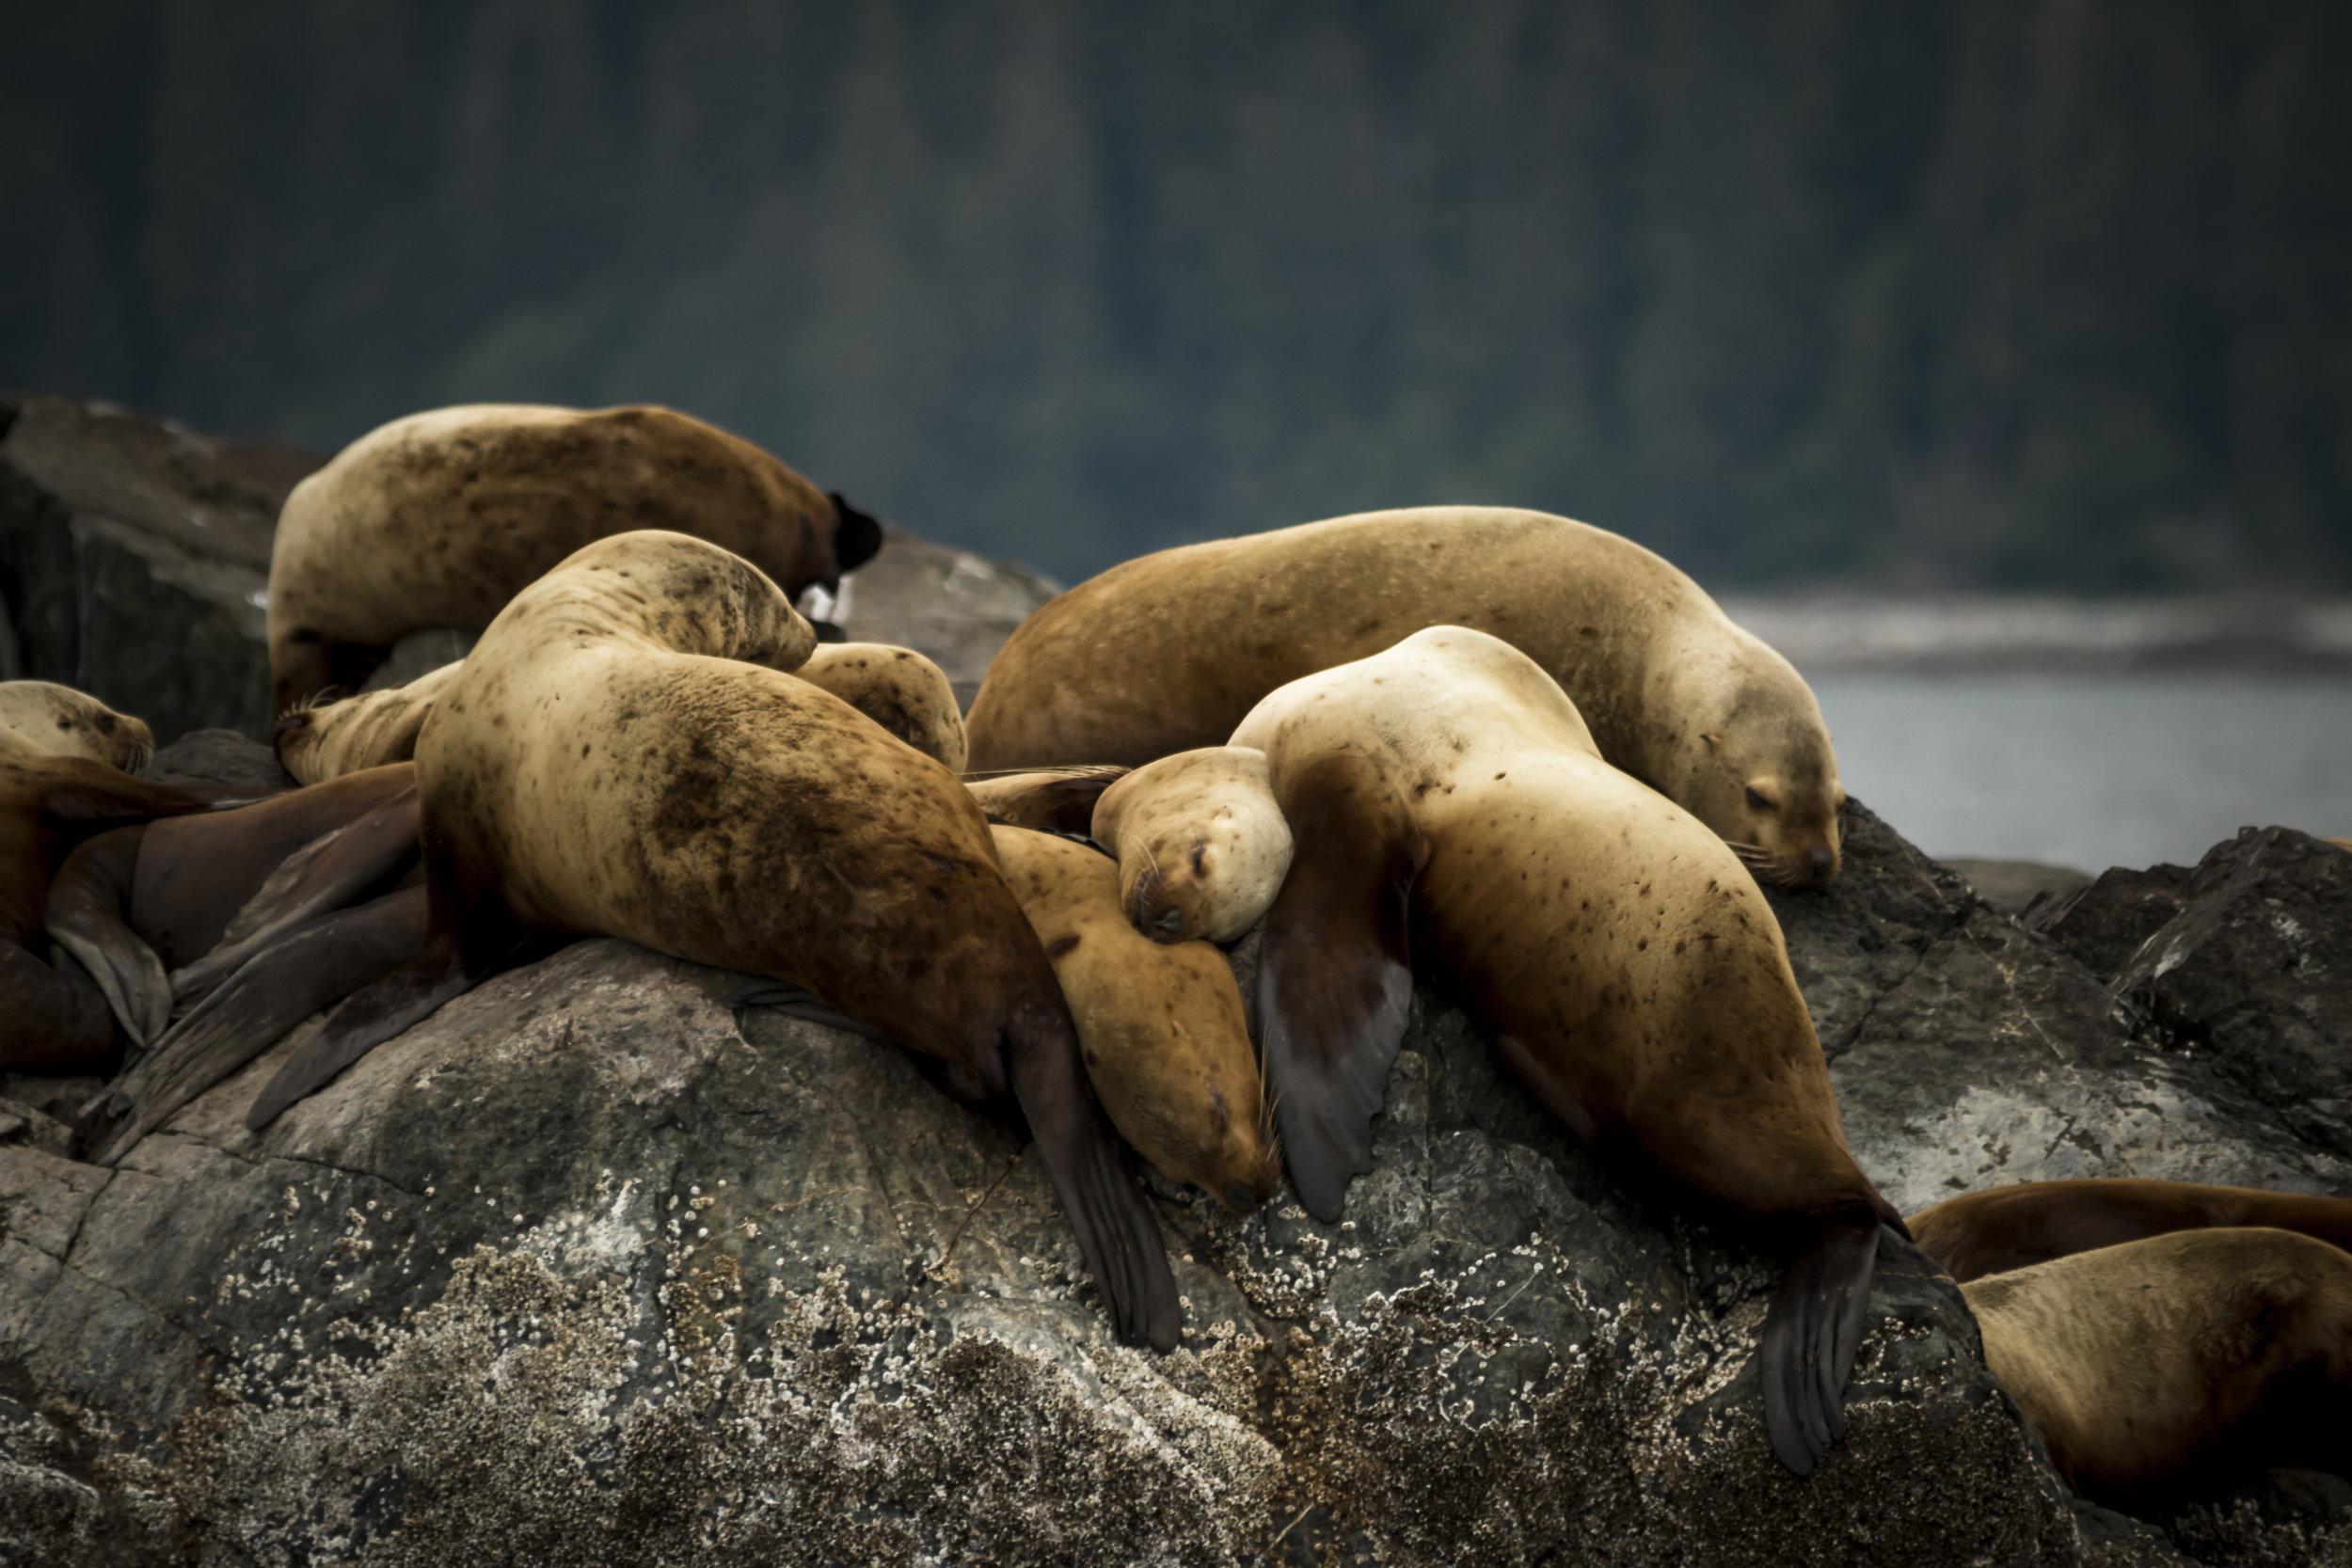 Plus de 100 000 de mammifères marins sont tués par les débris dans les océans, chaque année.